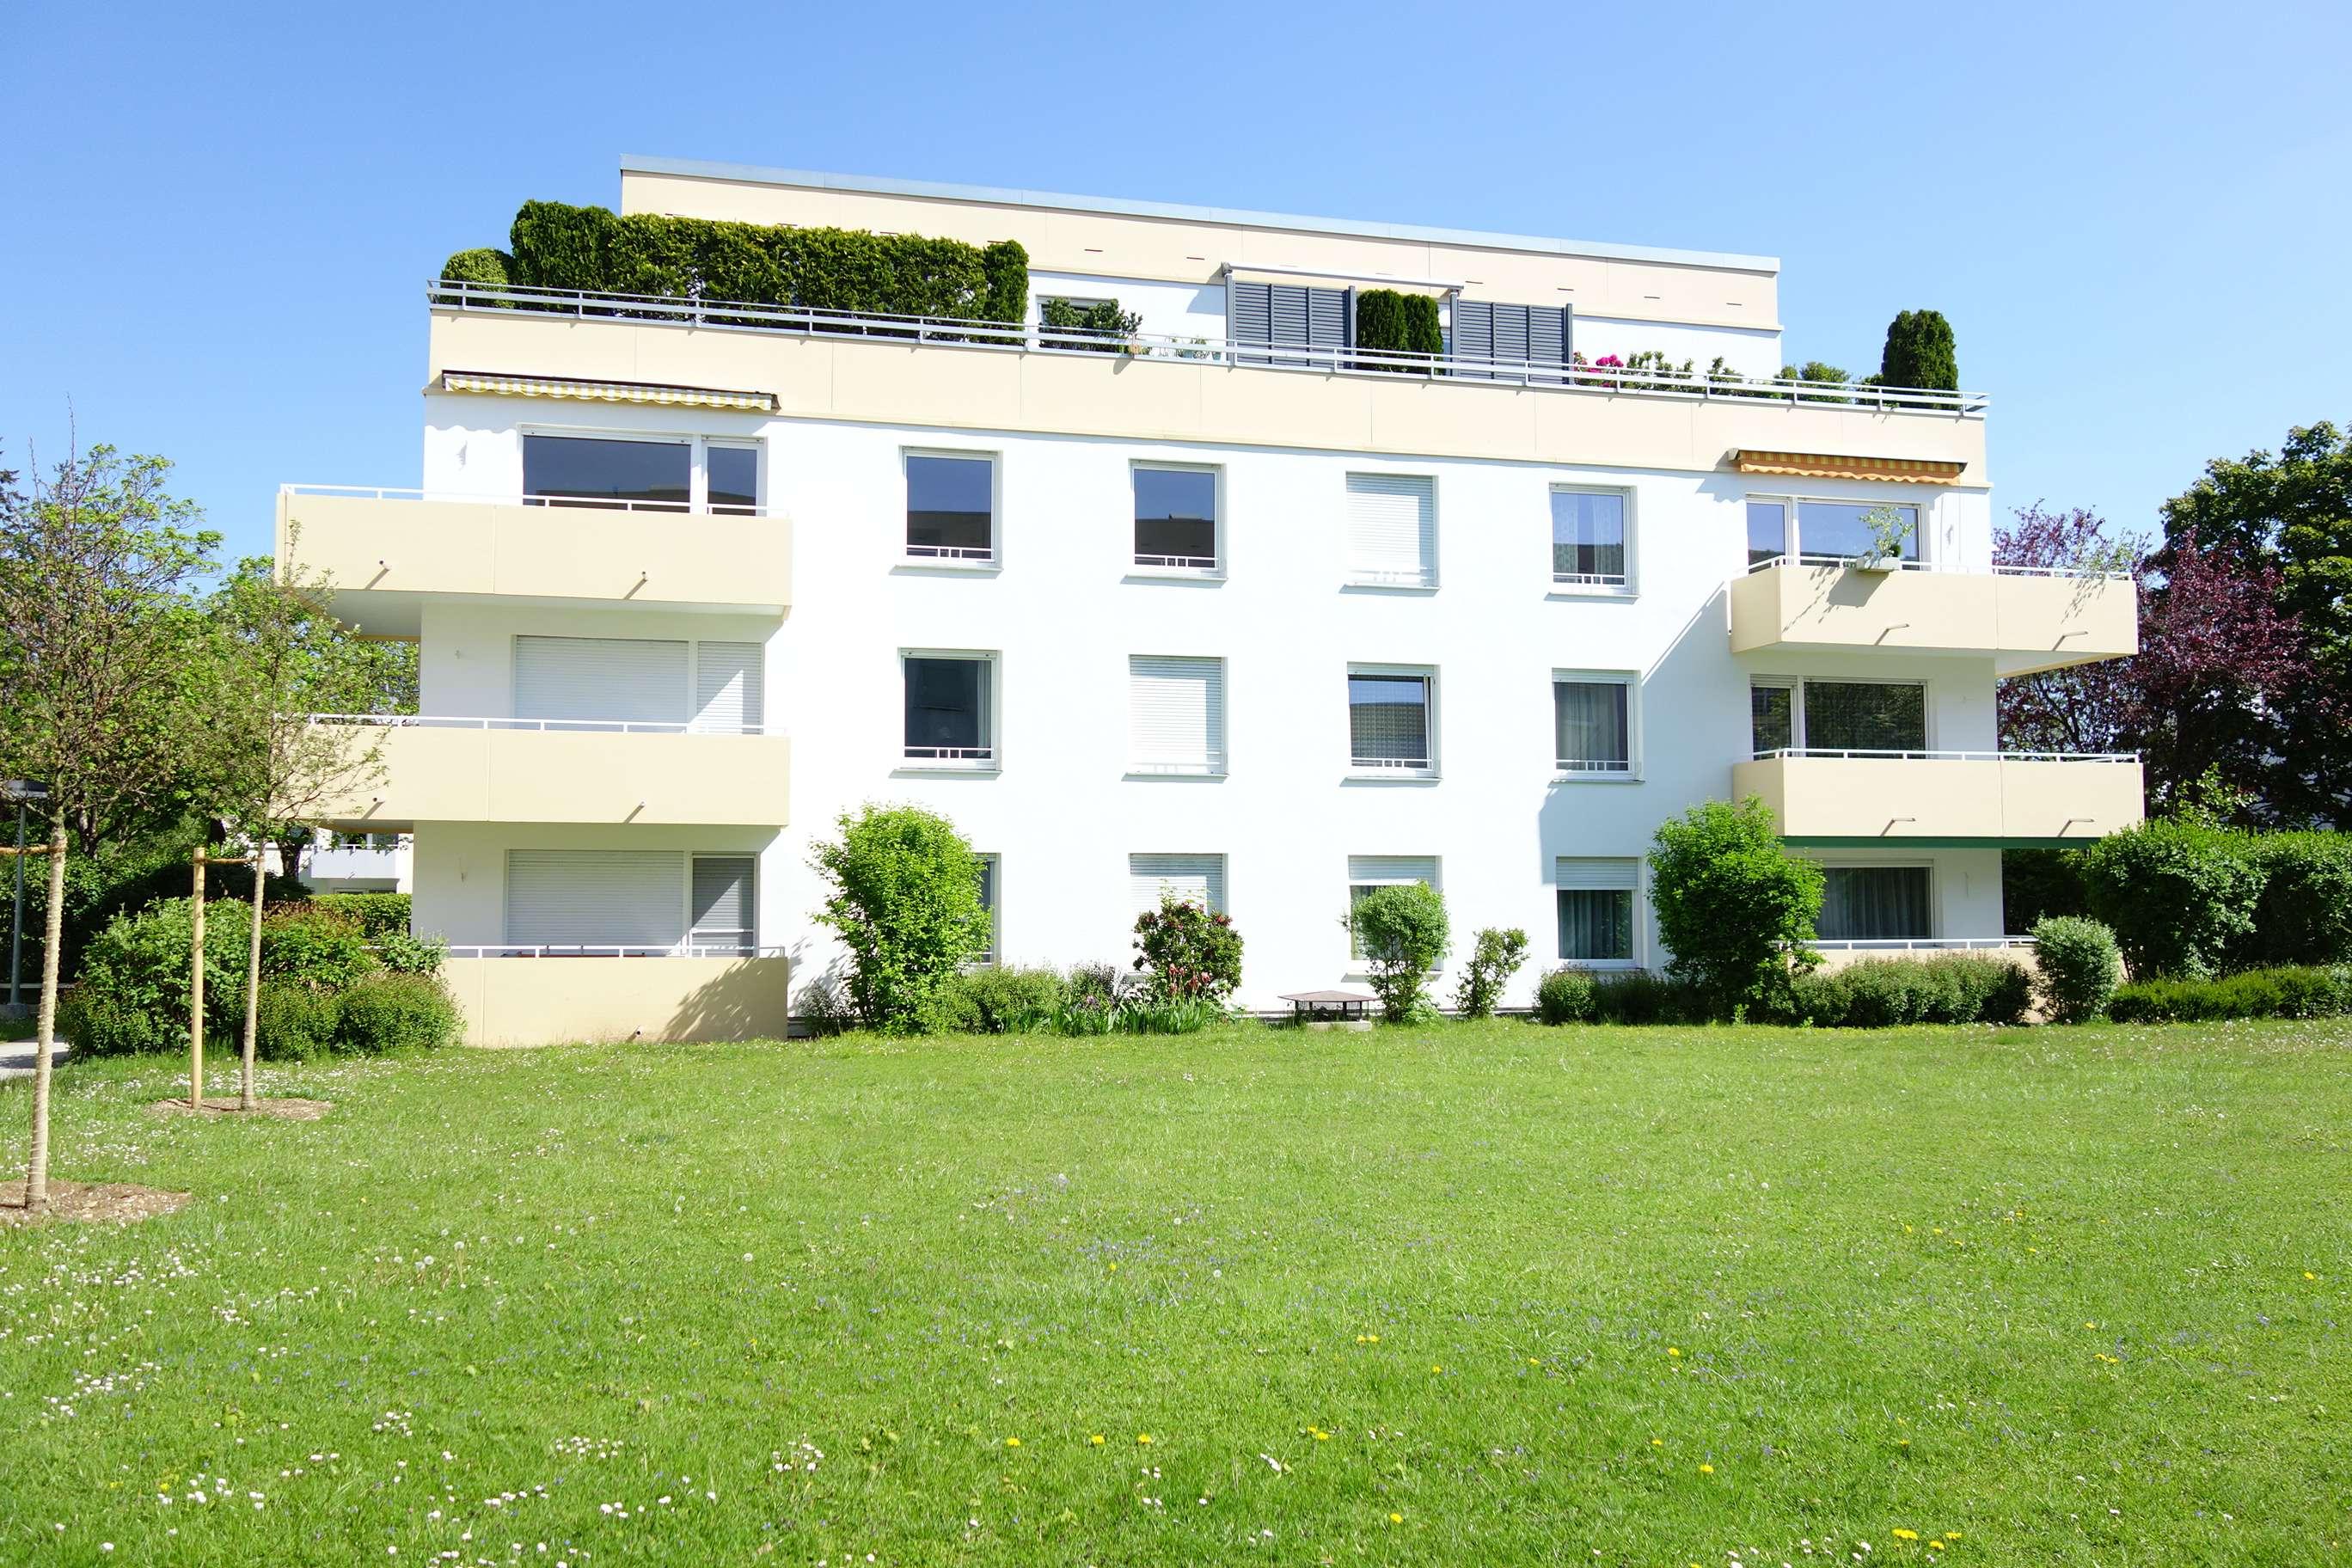 Sehr sonnige 3-Zi.-Whg. (91qm) mit großem S/W-Balkon nahe Pasing-Arcaden und Schlosspark Nymphenburg in Obermenzing (München)